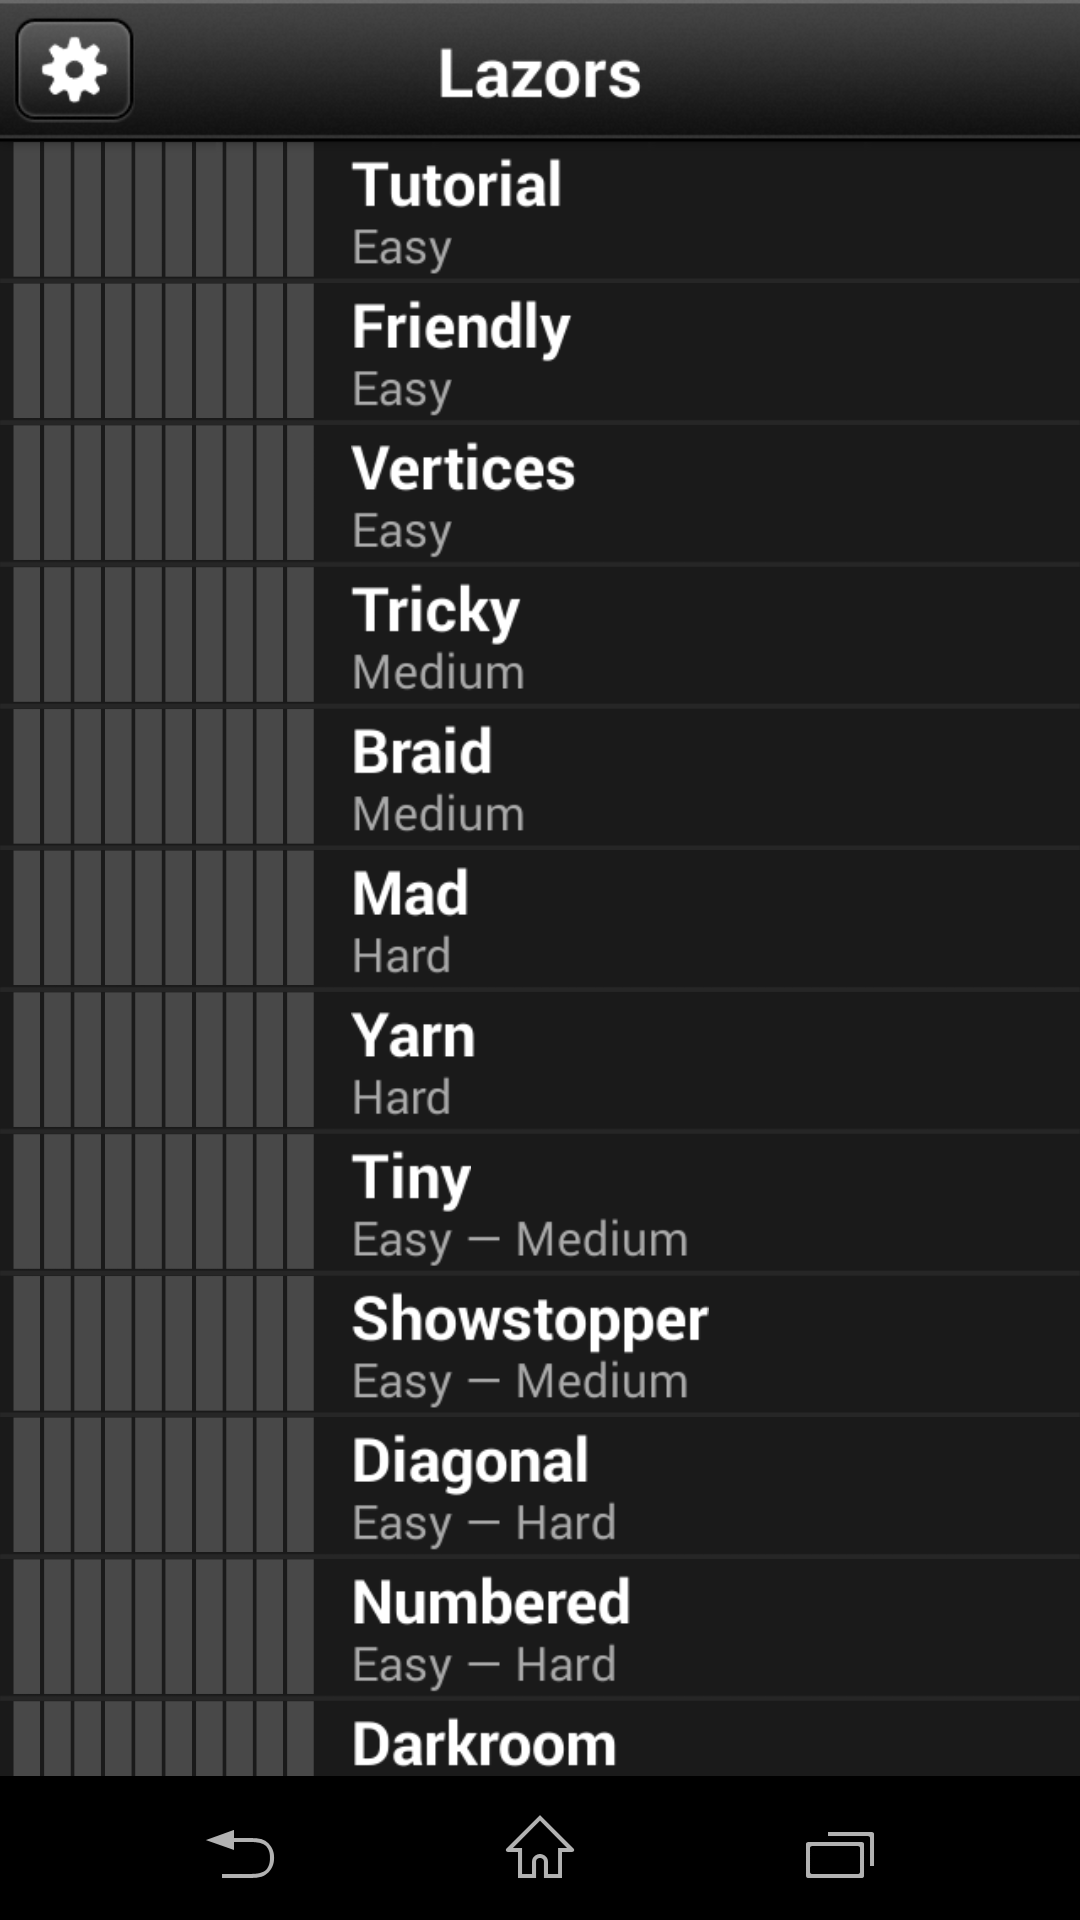 Режим игры - Lazors для Android